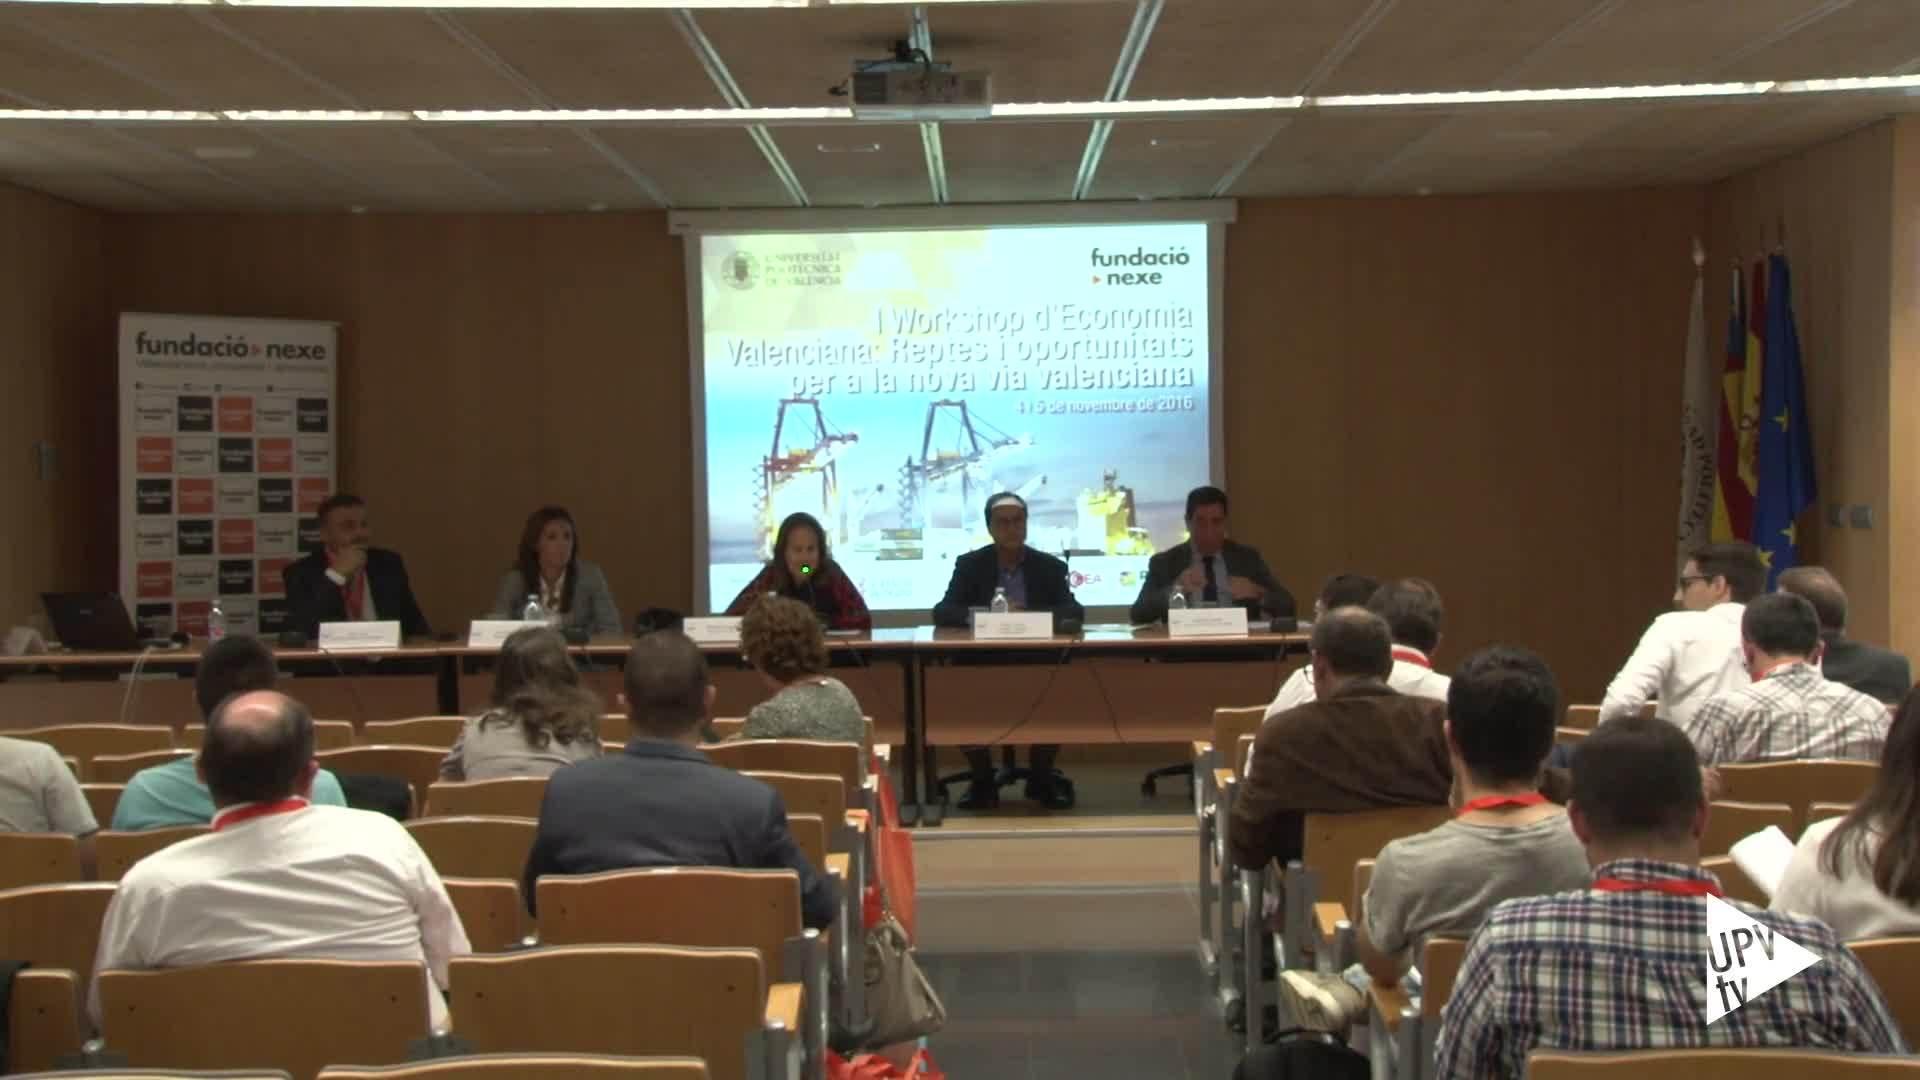 08-11-2016 Un nuevo modelo de economía valenciana